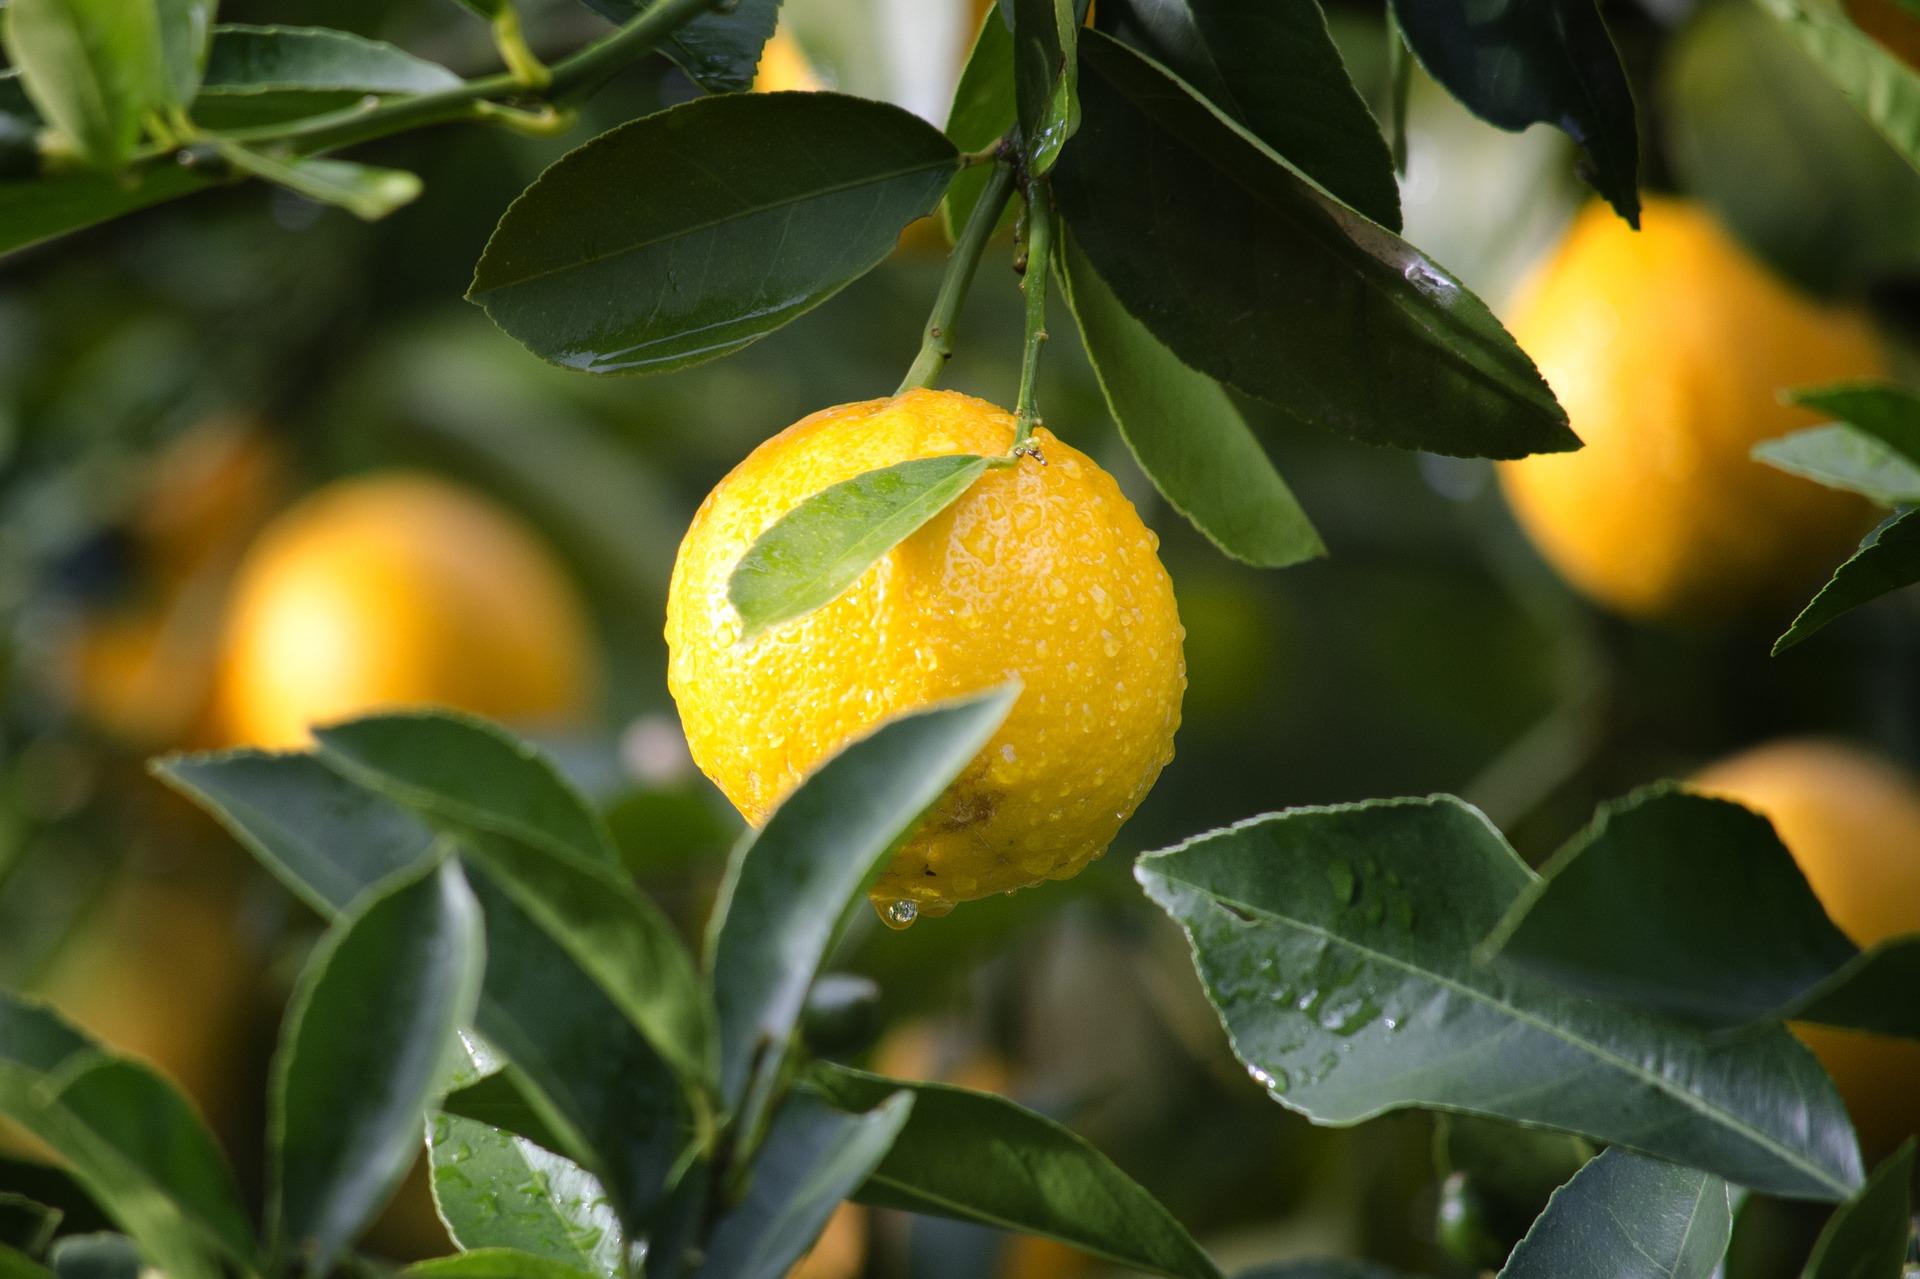 le citron jaune zest, huile essentielle digestive